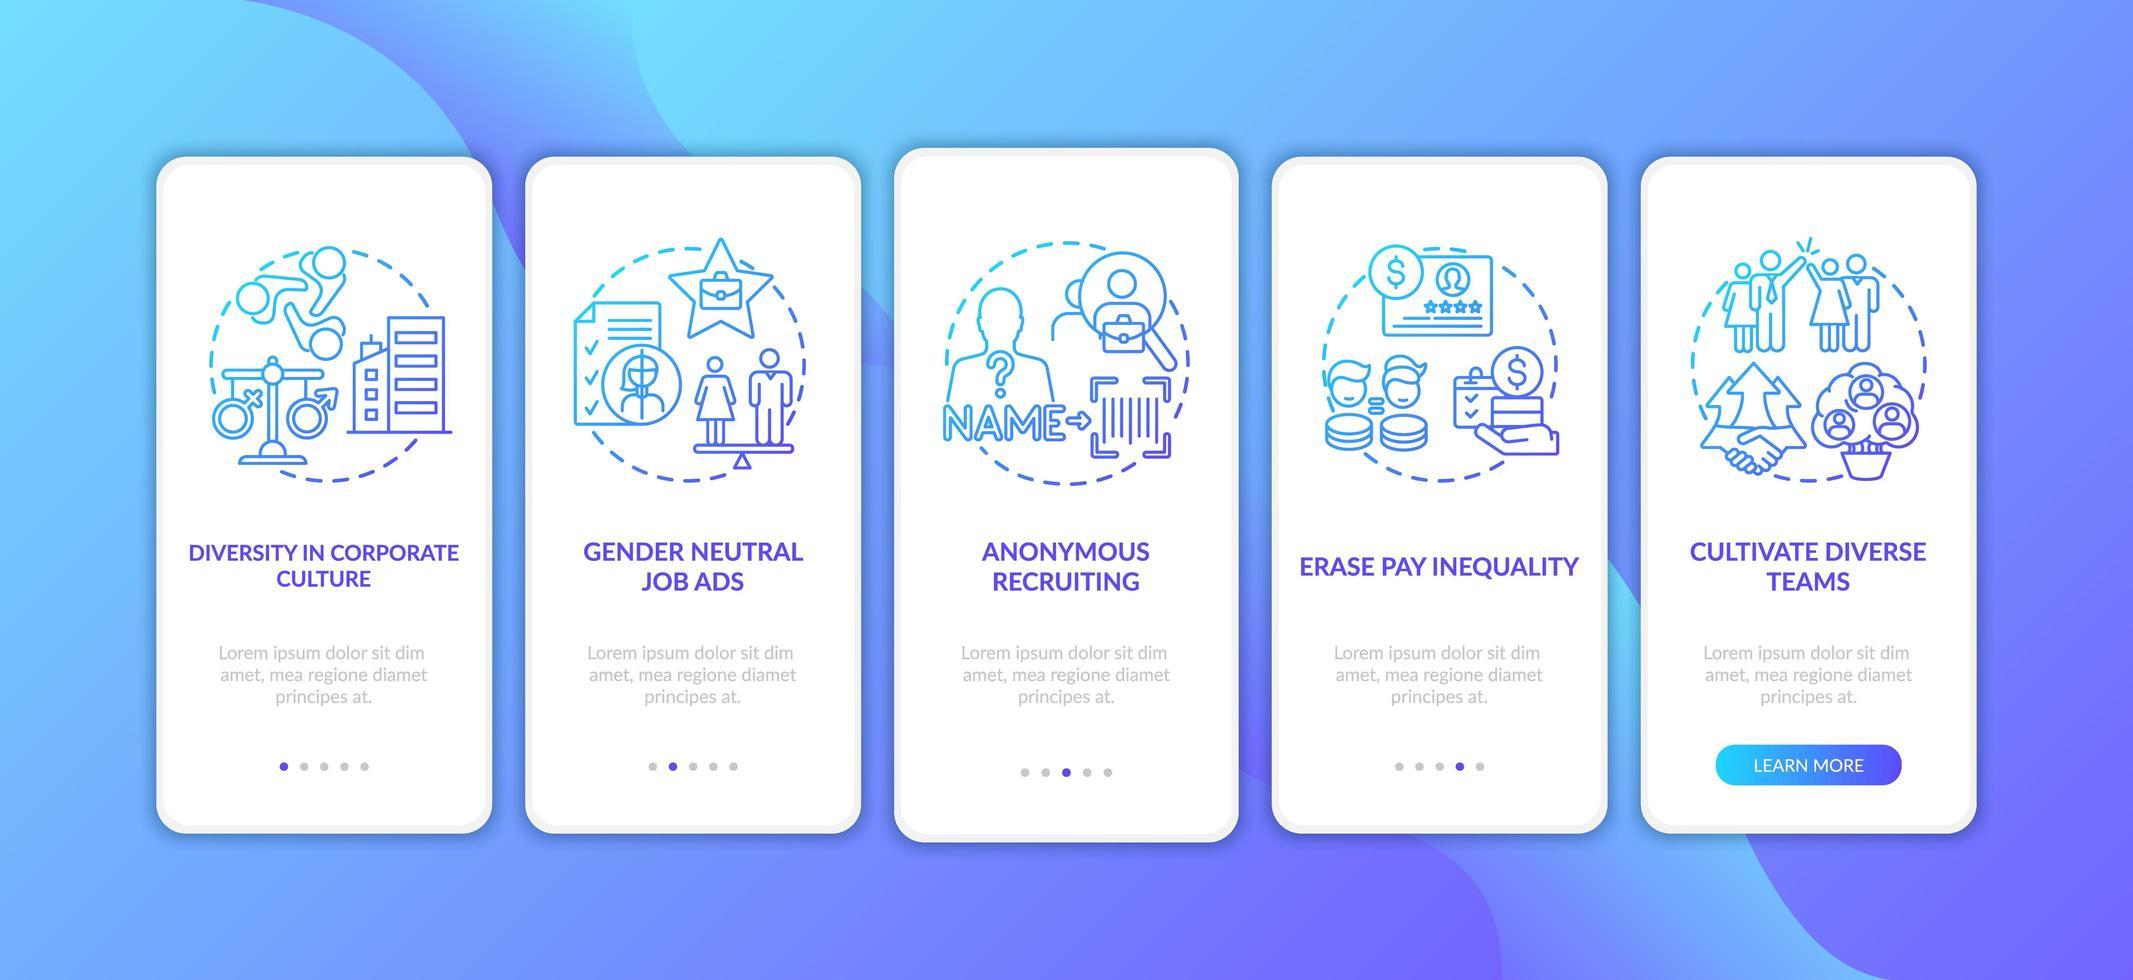 Conseils de mise en œuvre de la diversité des genres Écran de la page de l'application mobile d'intégration avec des concepts vecteur